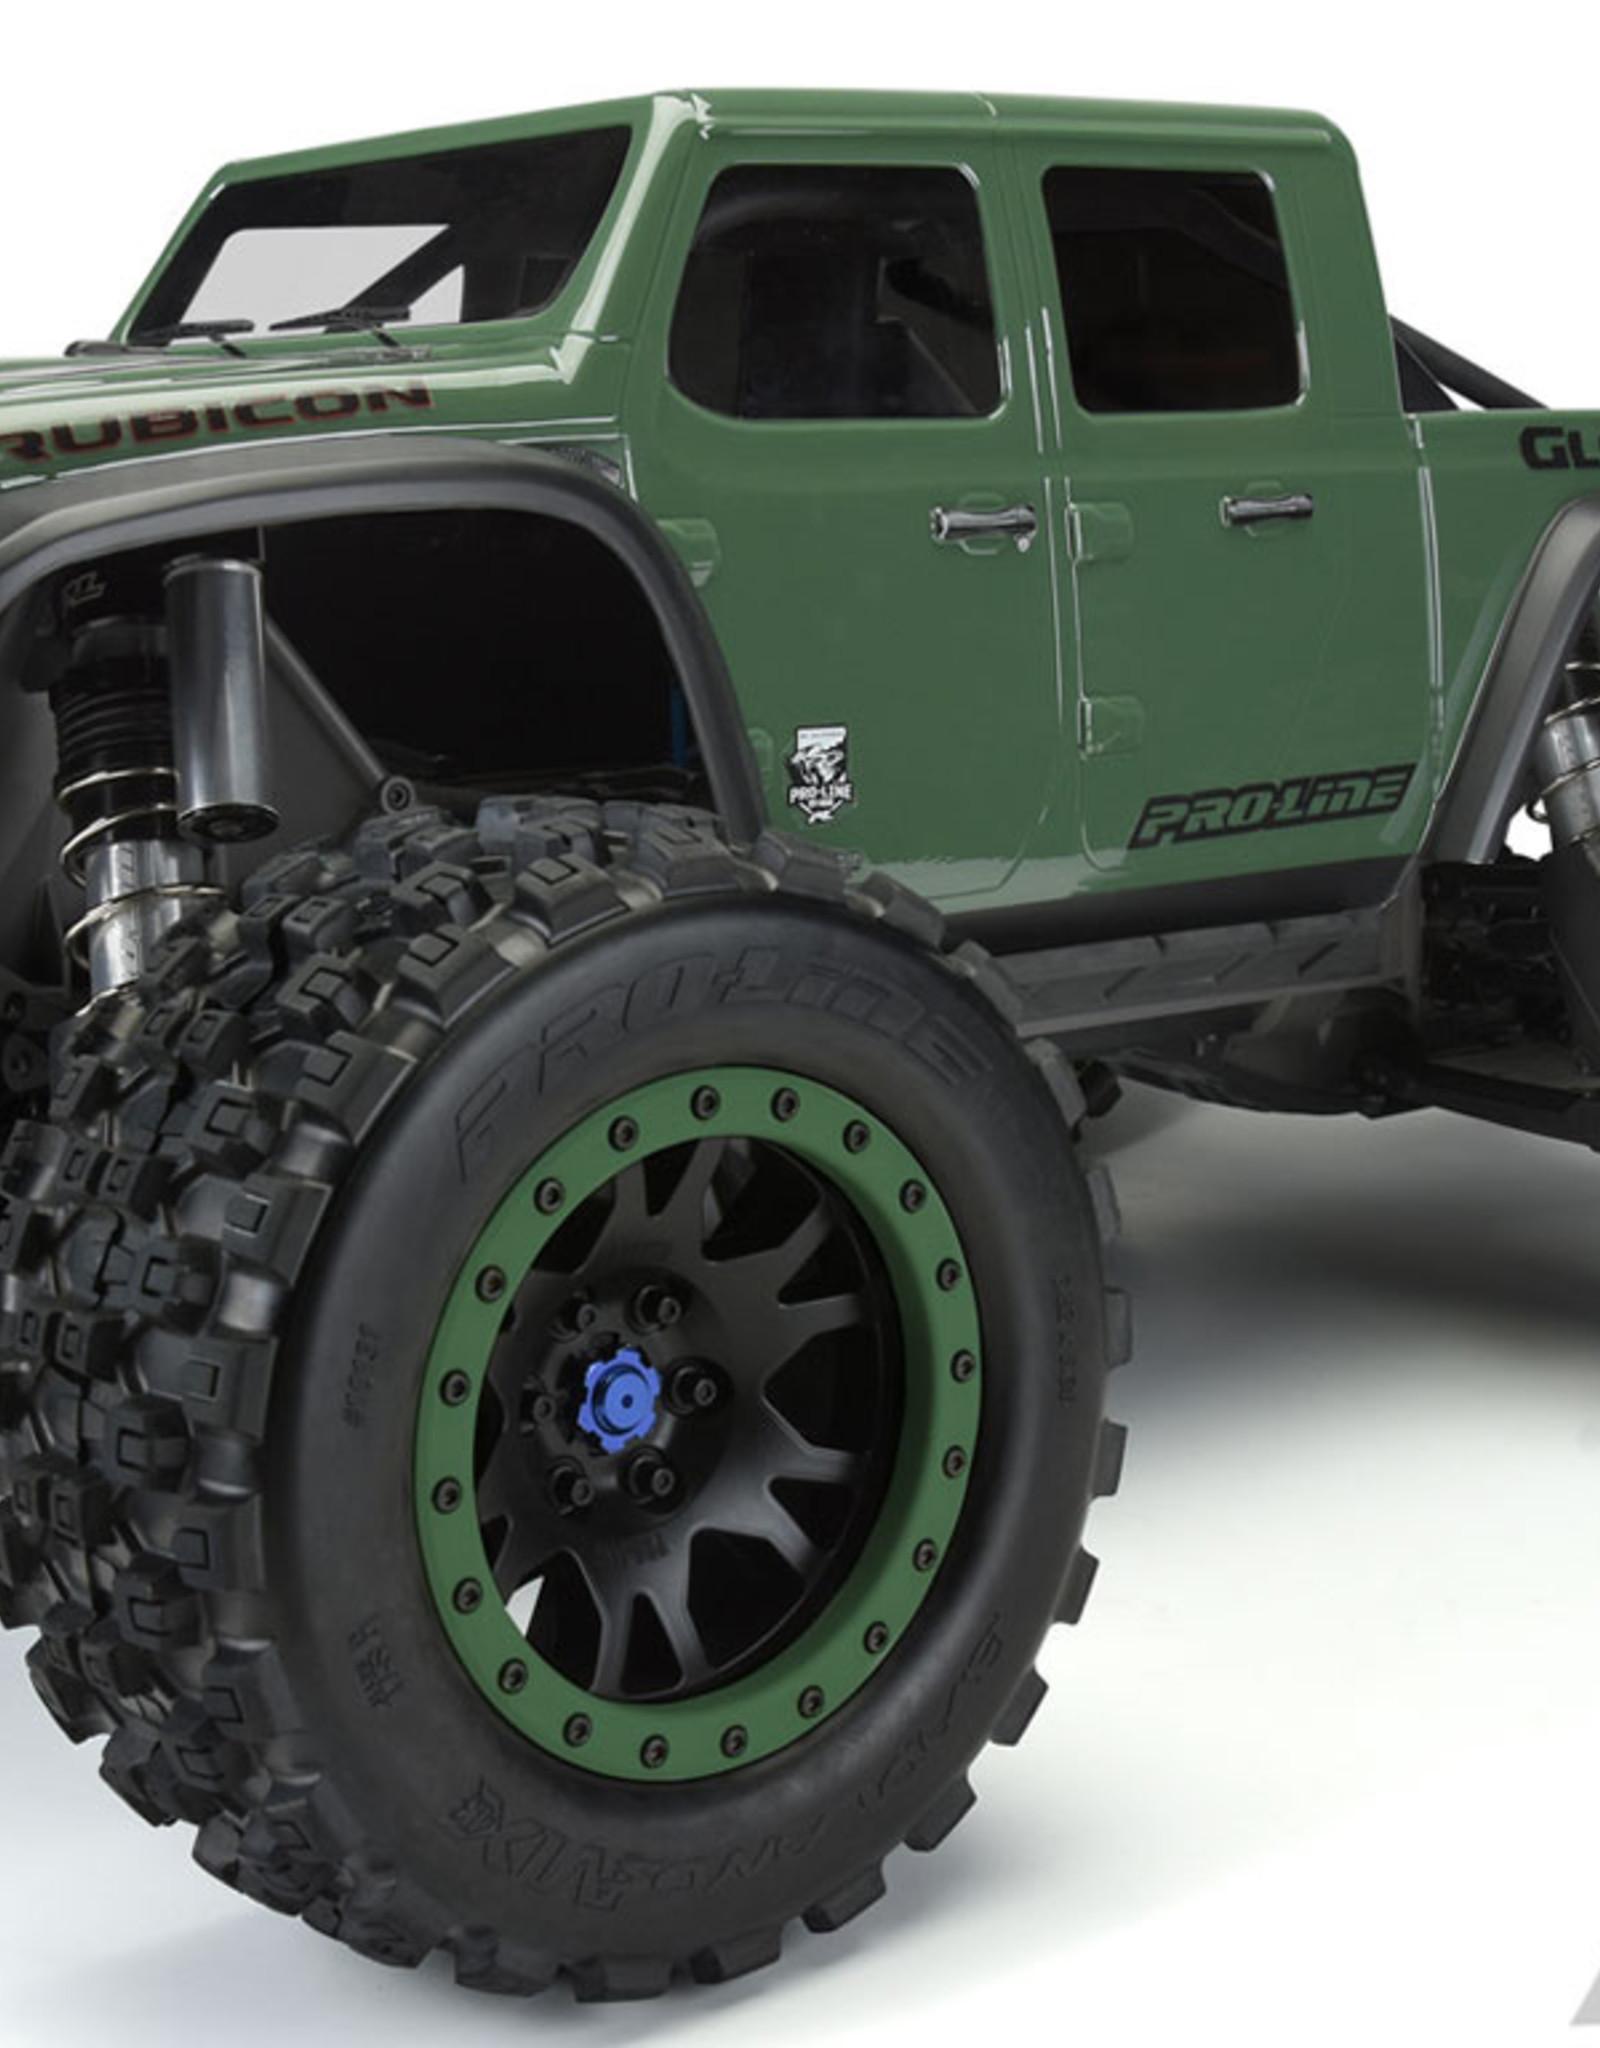 Proline RC Pro-line X-Maxx Pre-Cut Jeep Gladiator Rubicon Clear Body